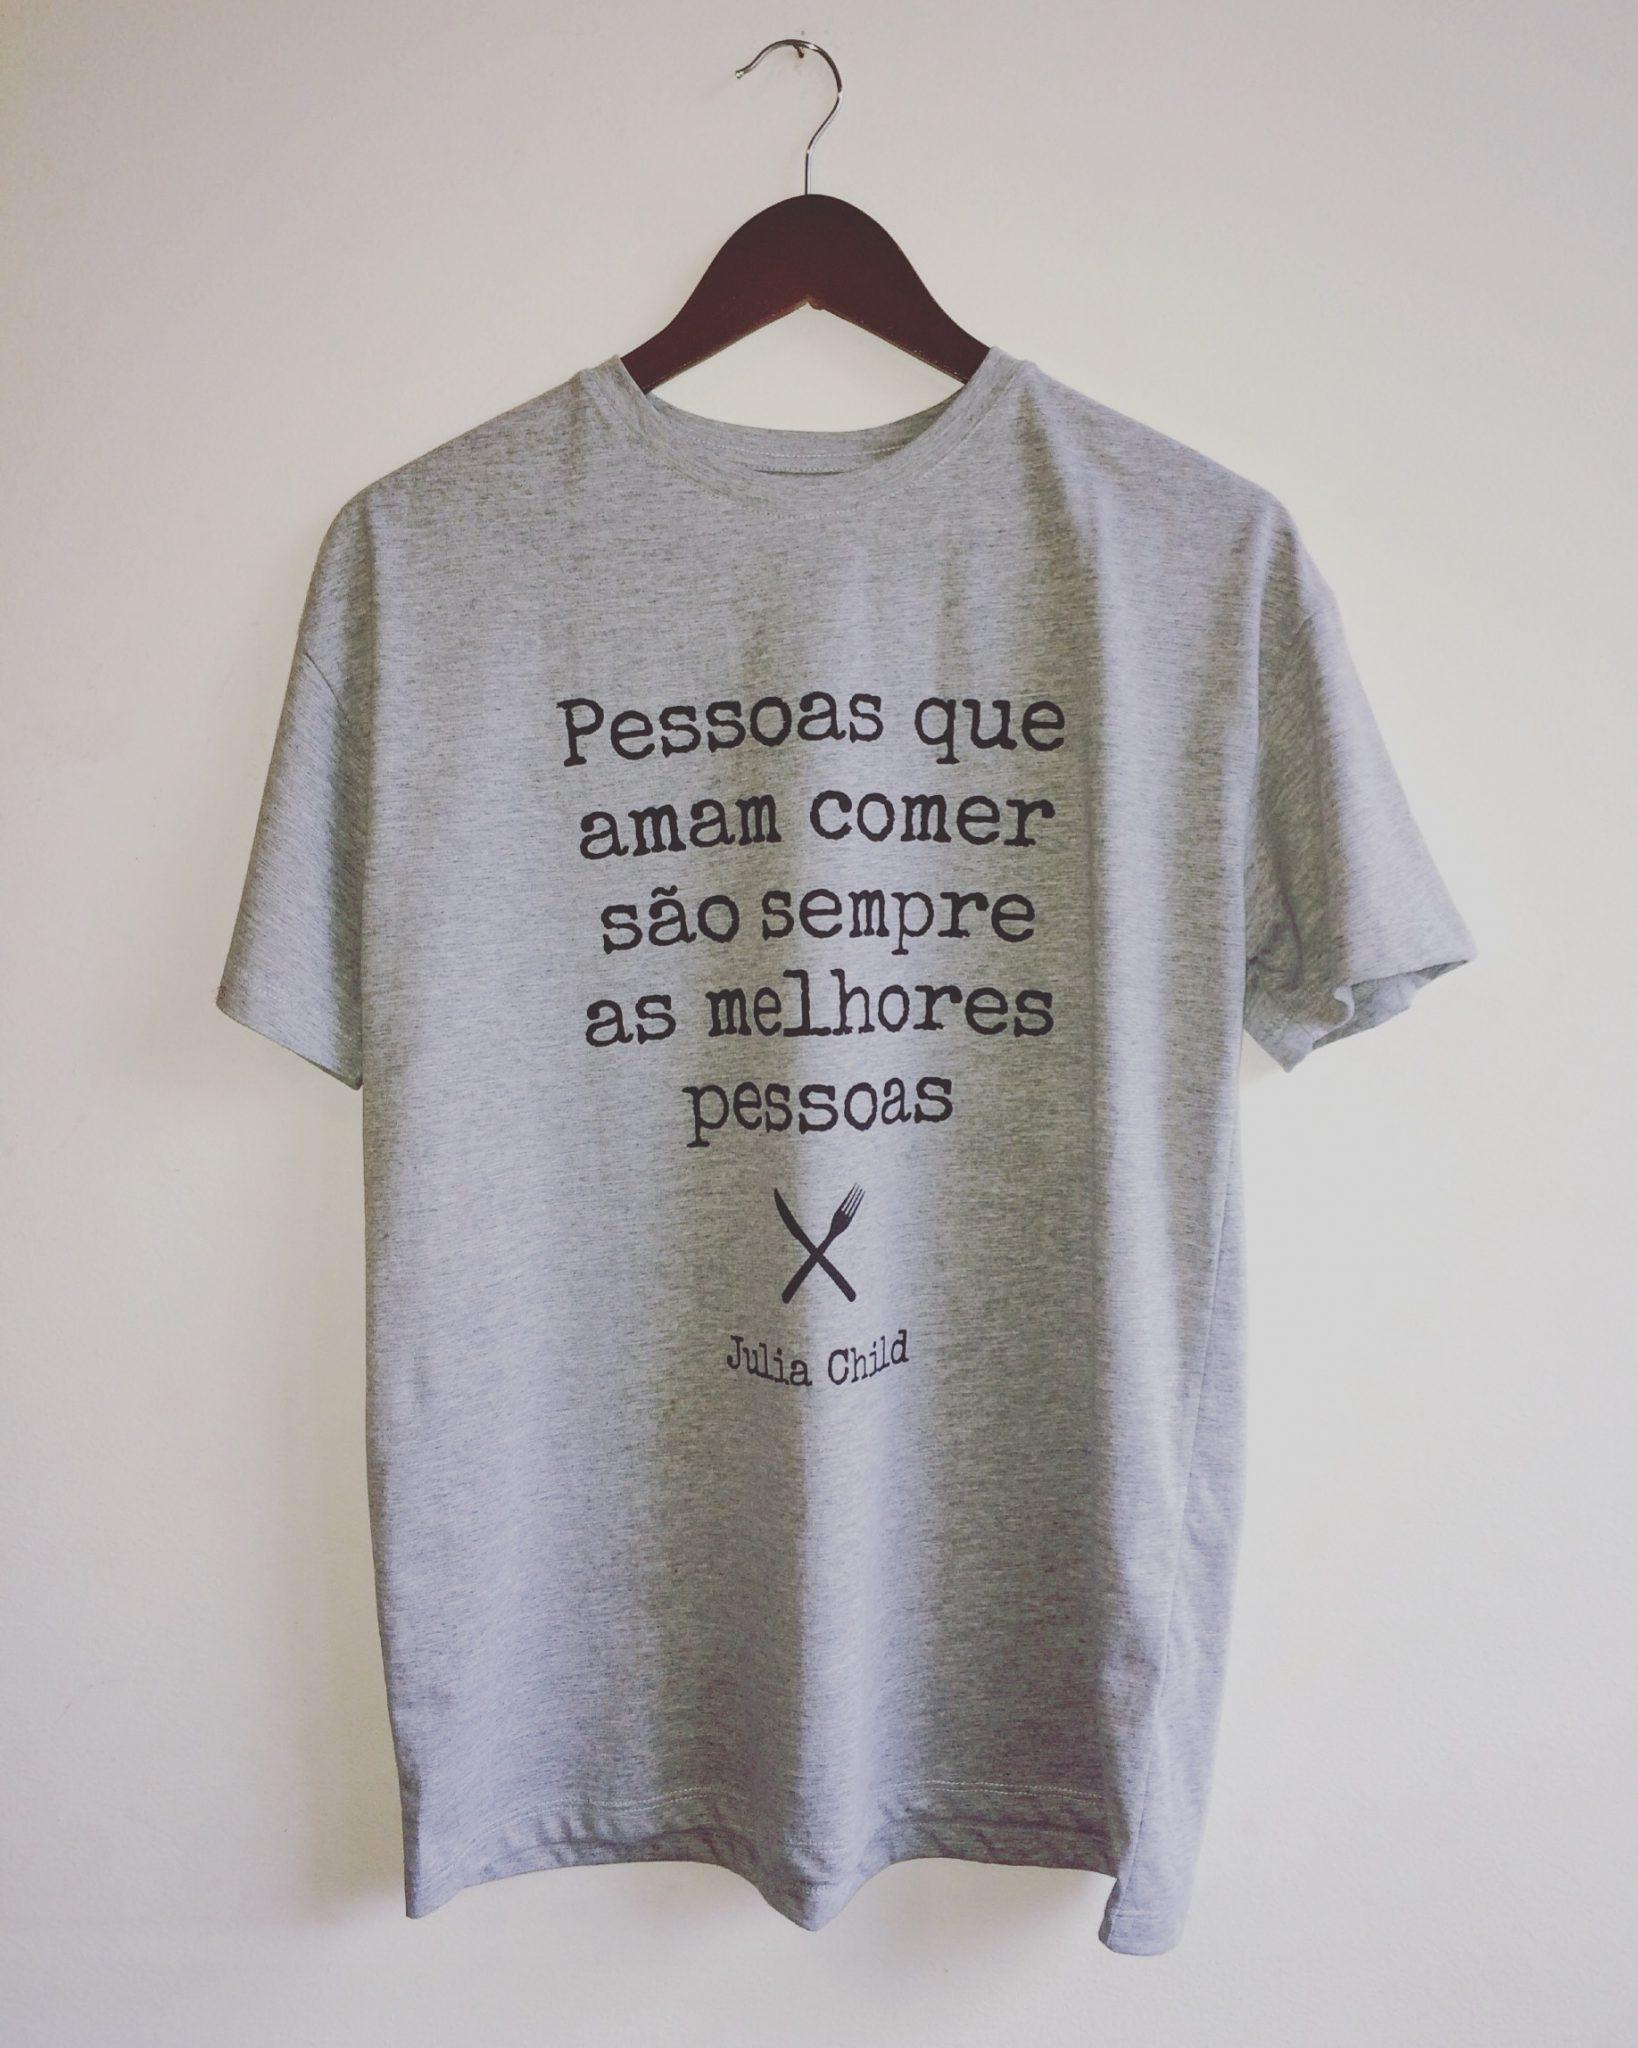 Camiseta Julia Child: Pessoas que amam comer são sempre as melhores pessoas